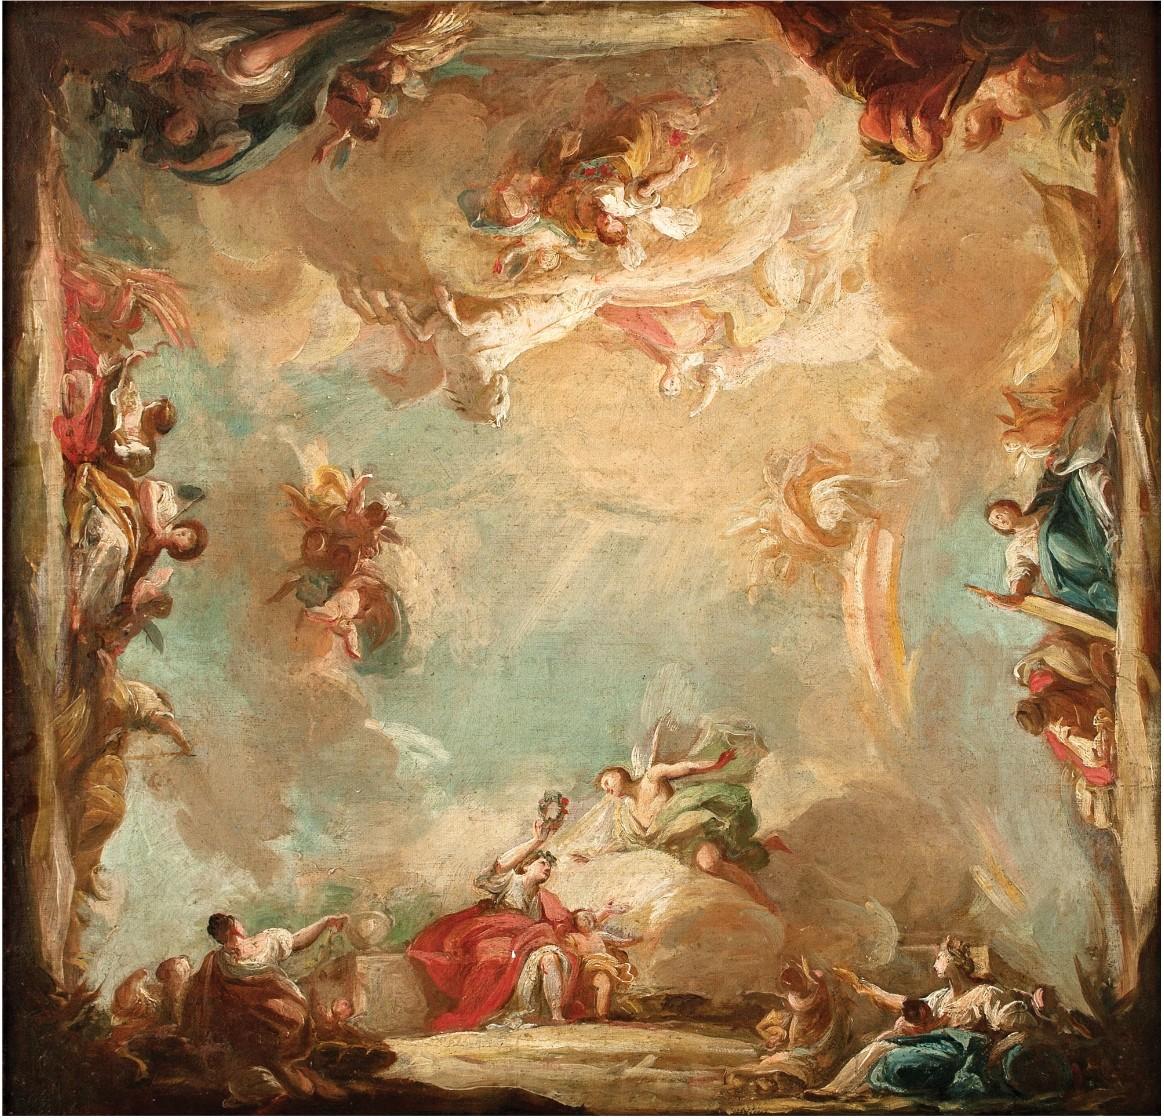 Mariano Salvador Maella. Alegoría de la Aurora en su carro del Sol acompañada por la Mañana, 1803/7. Salida: 30.000 euros. Remate: 37.500 euros